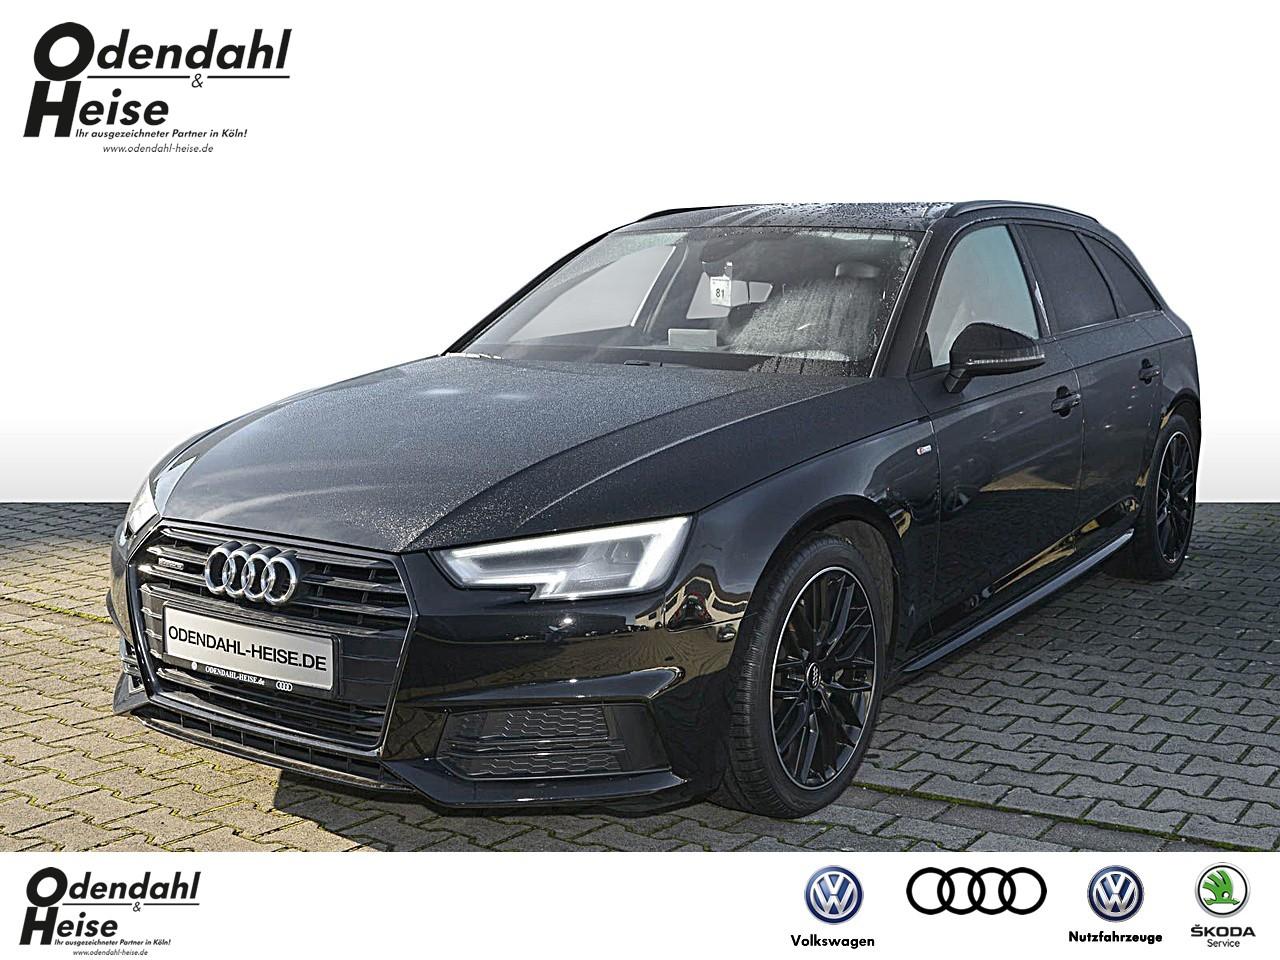 Audi A4 Avant sport 3.0 TDI quattro S tronic EU6, Jahr 2018, Diesel